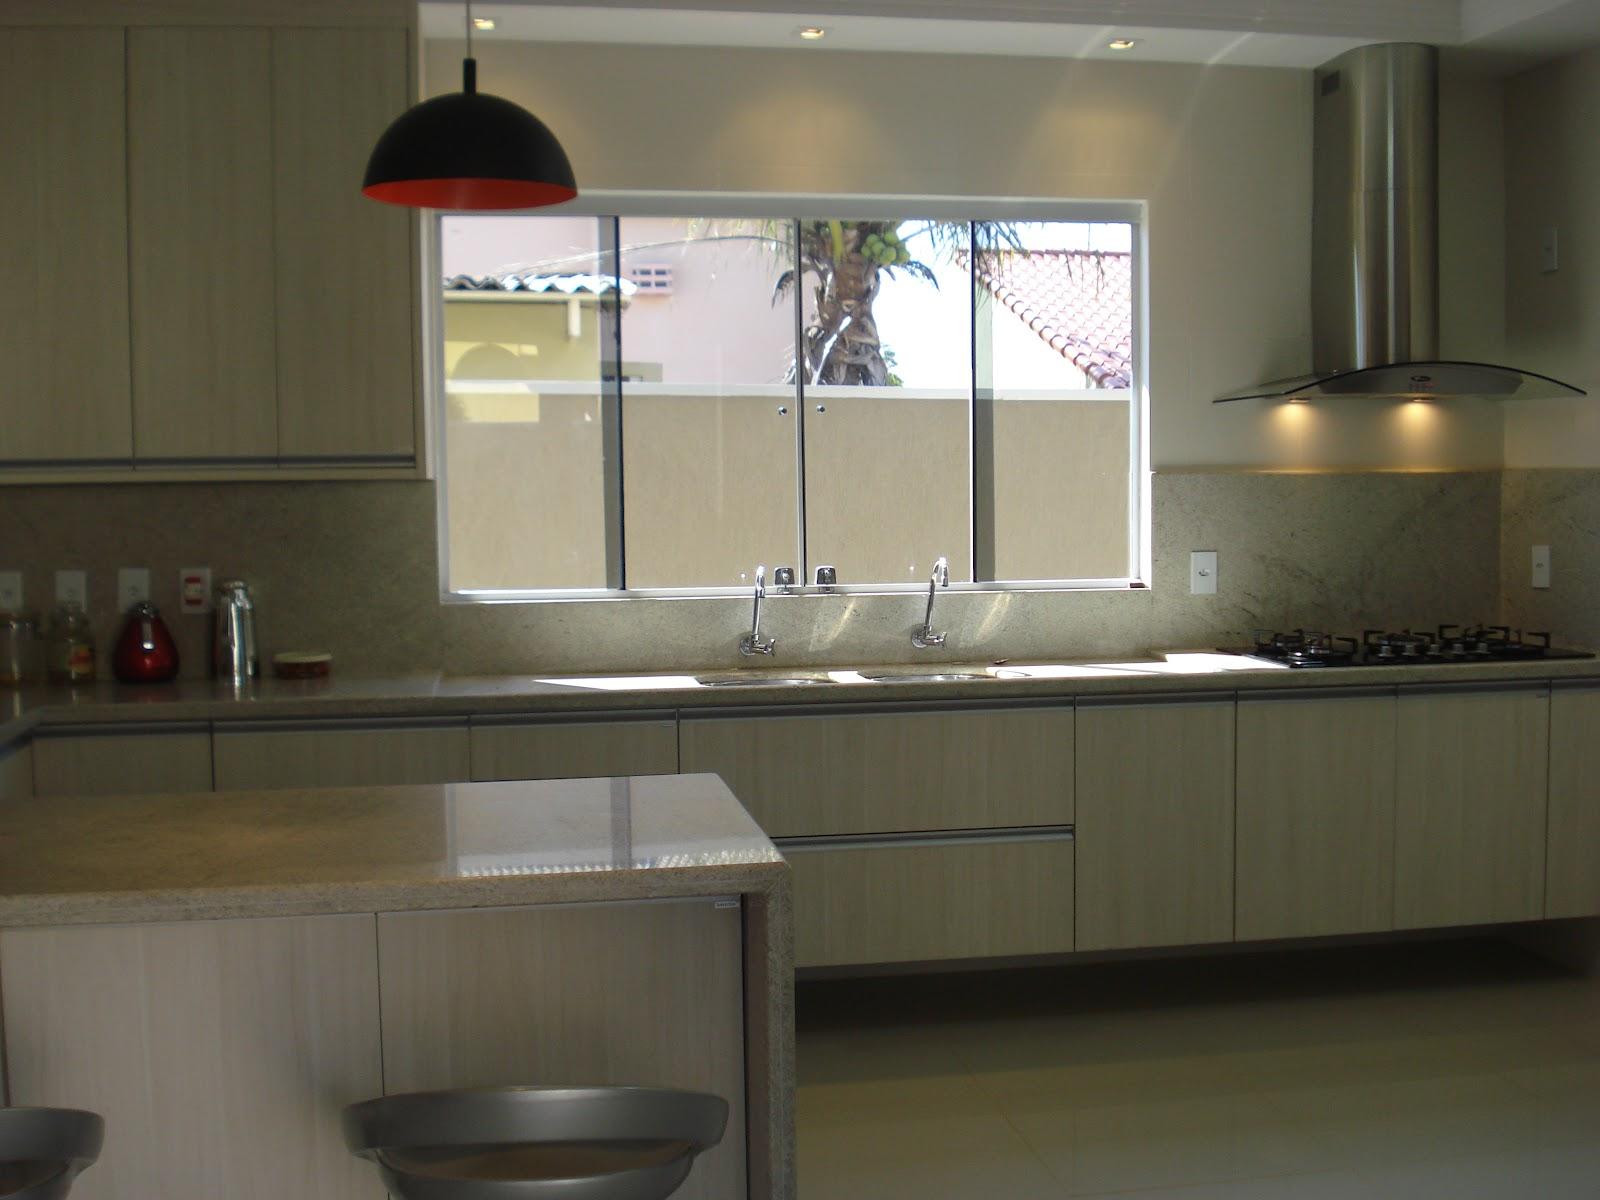 Arquiteta Bianca Monteiro: Cozinha dos sonhos #7B7150 1600 1200